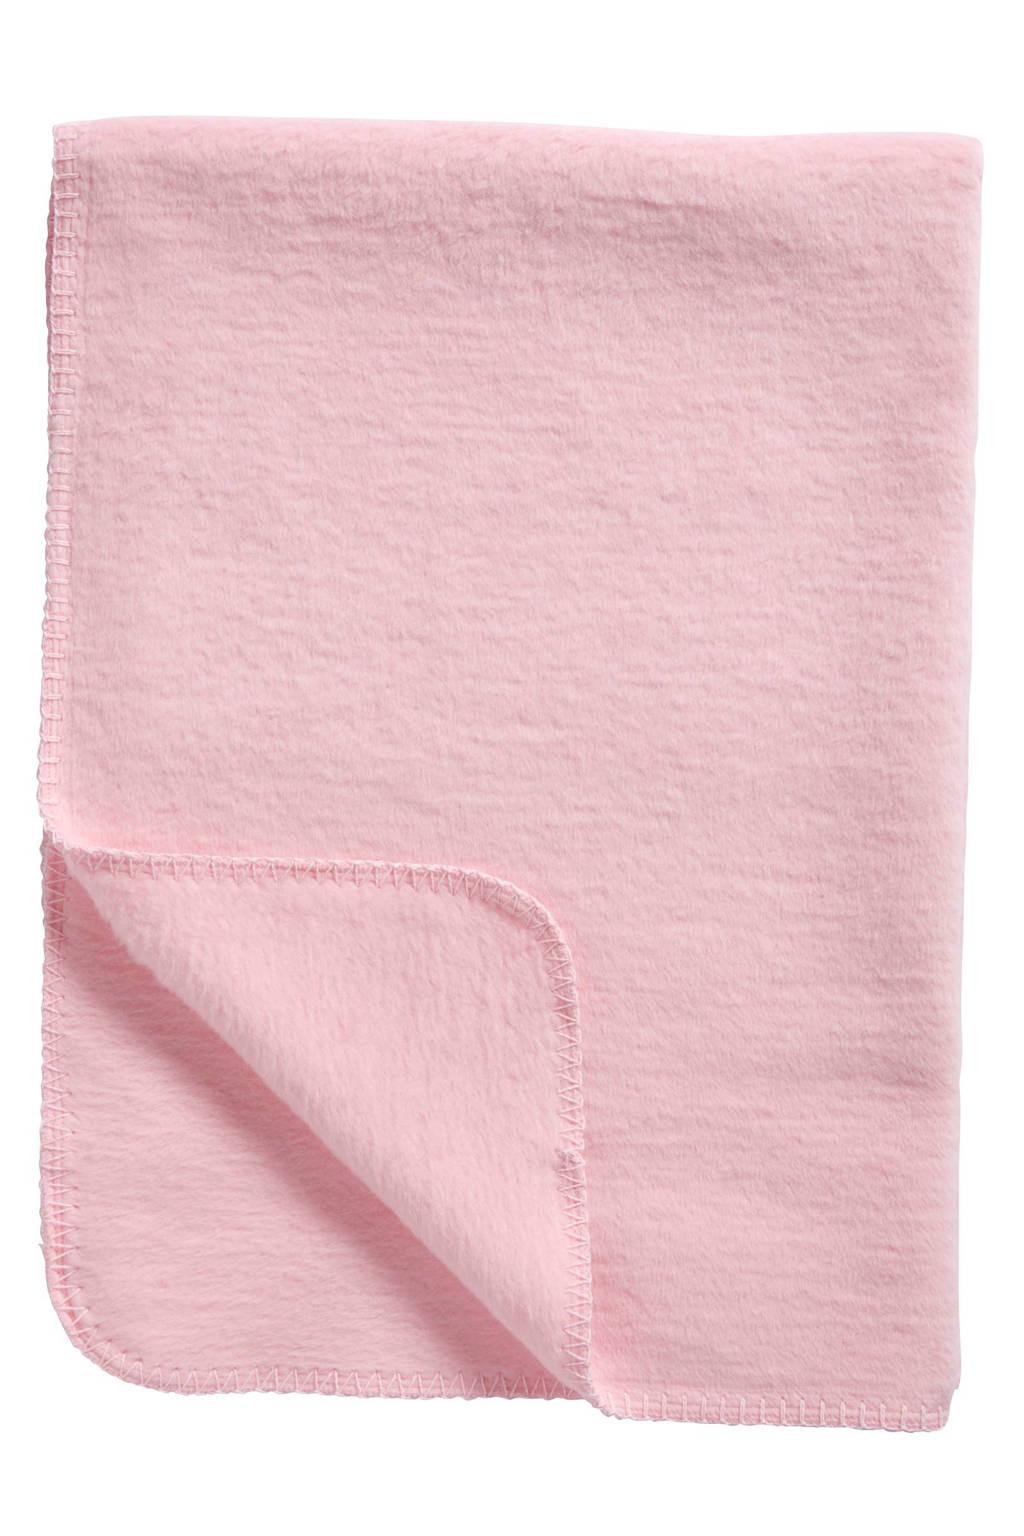 Meyco Uni ledikantdeken 100x150 cm roze, Roze